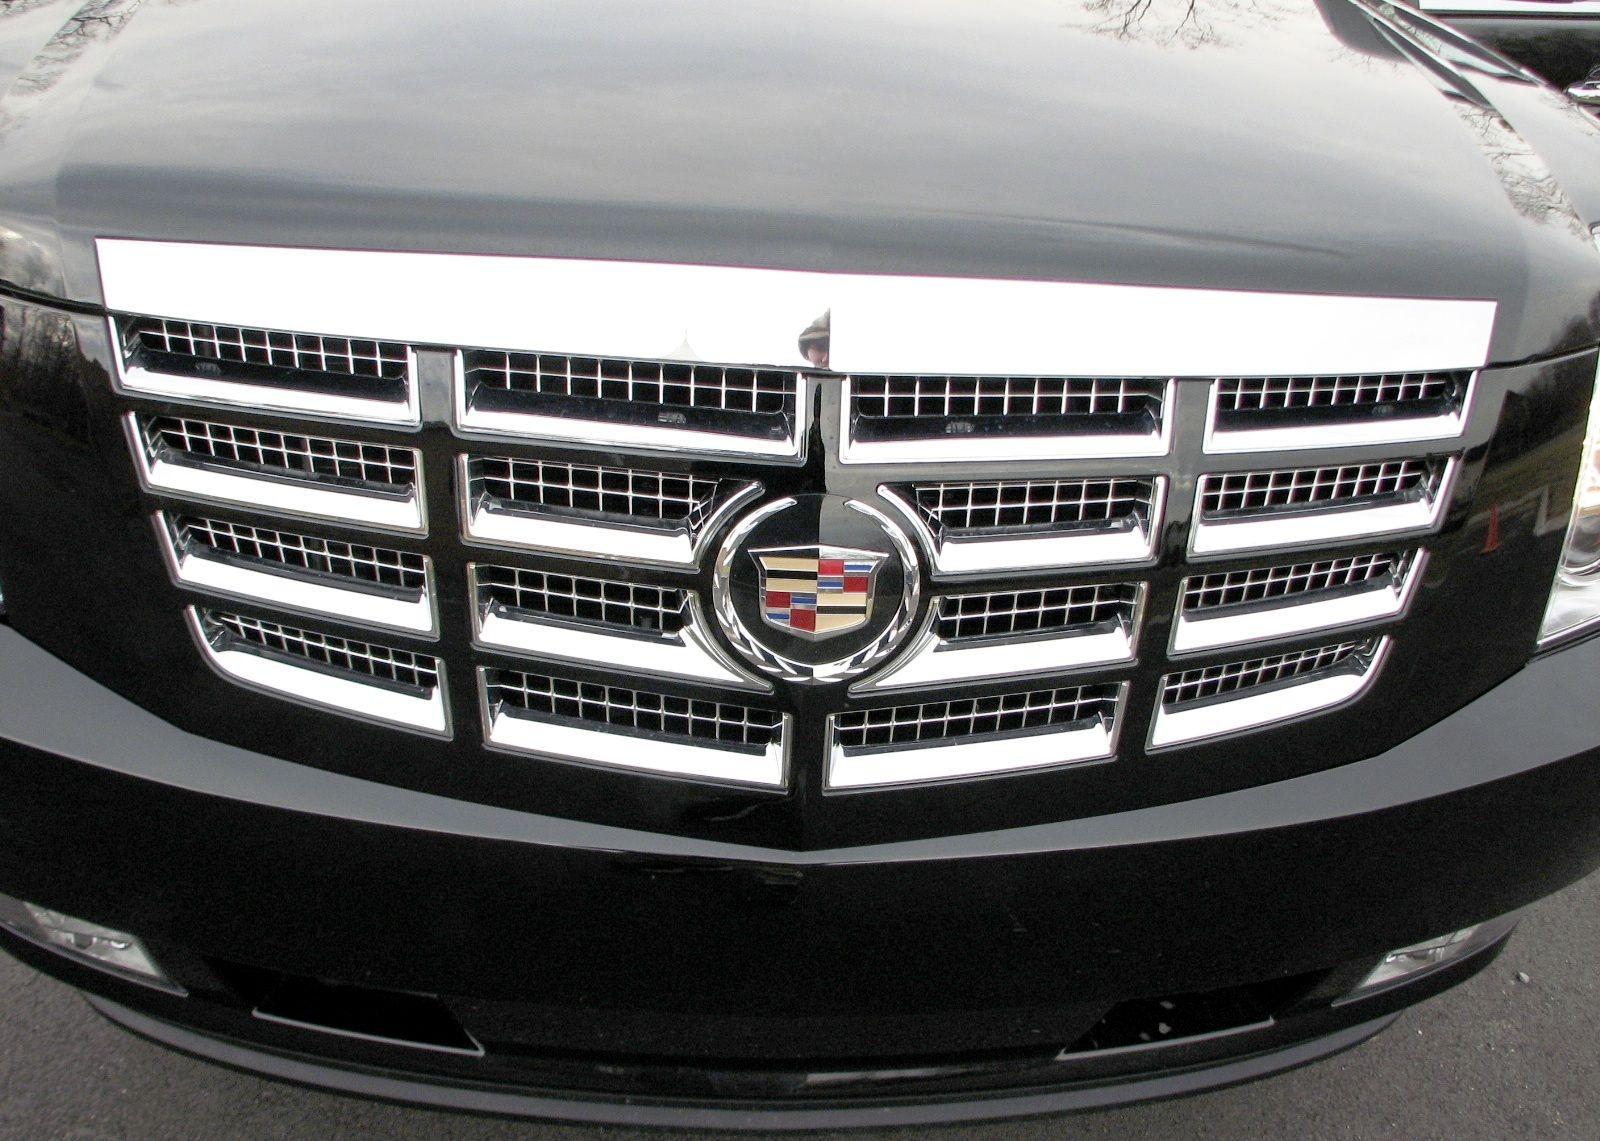 Cadillac escalade grille